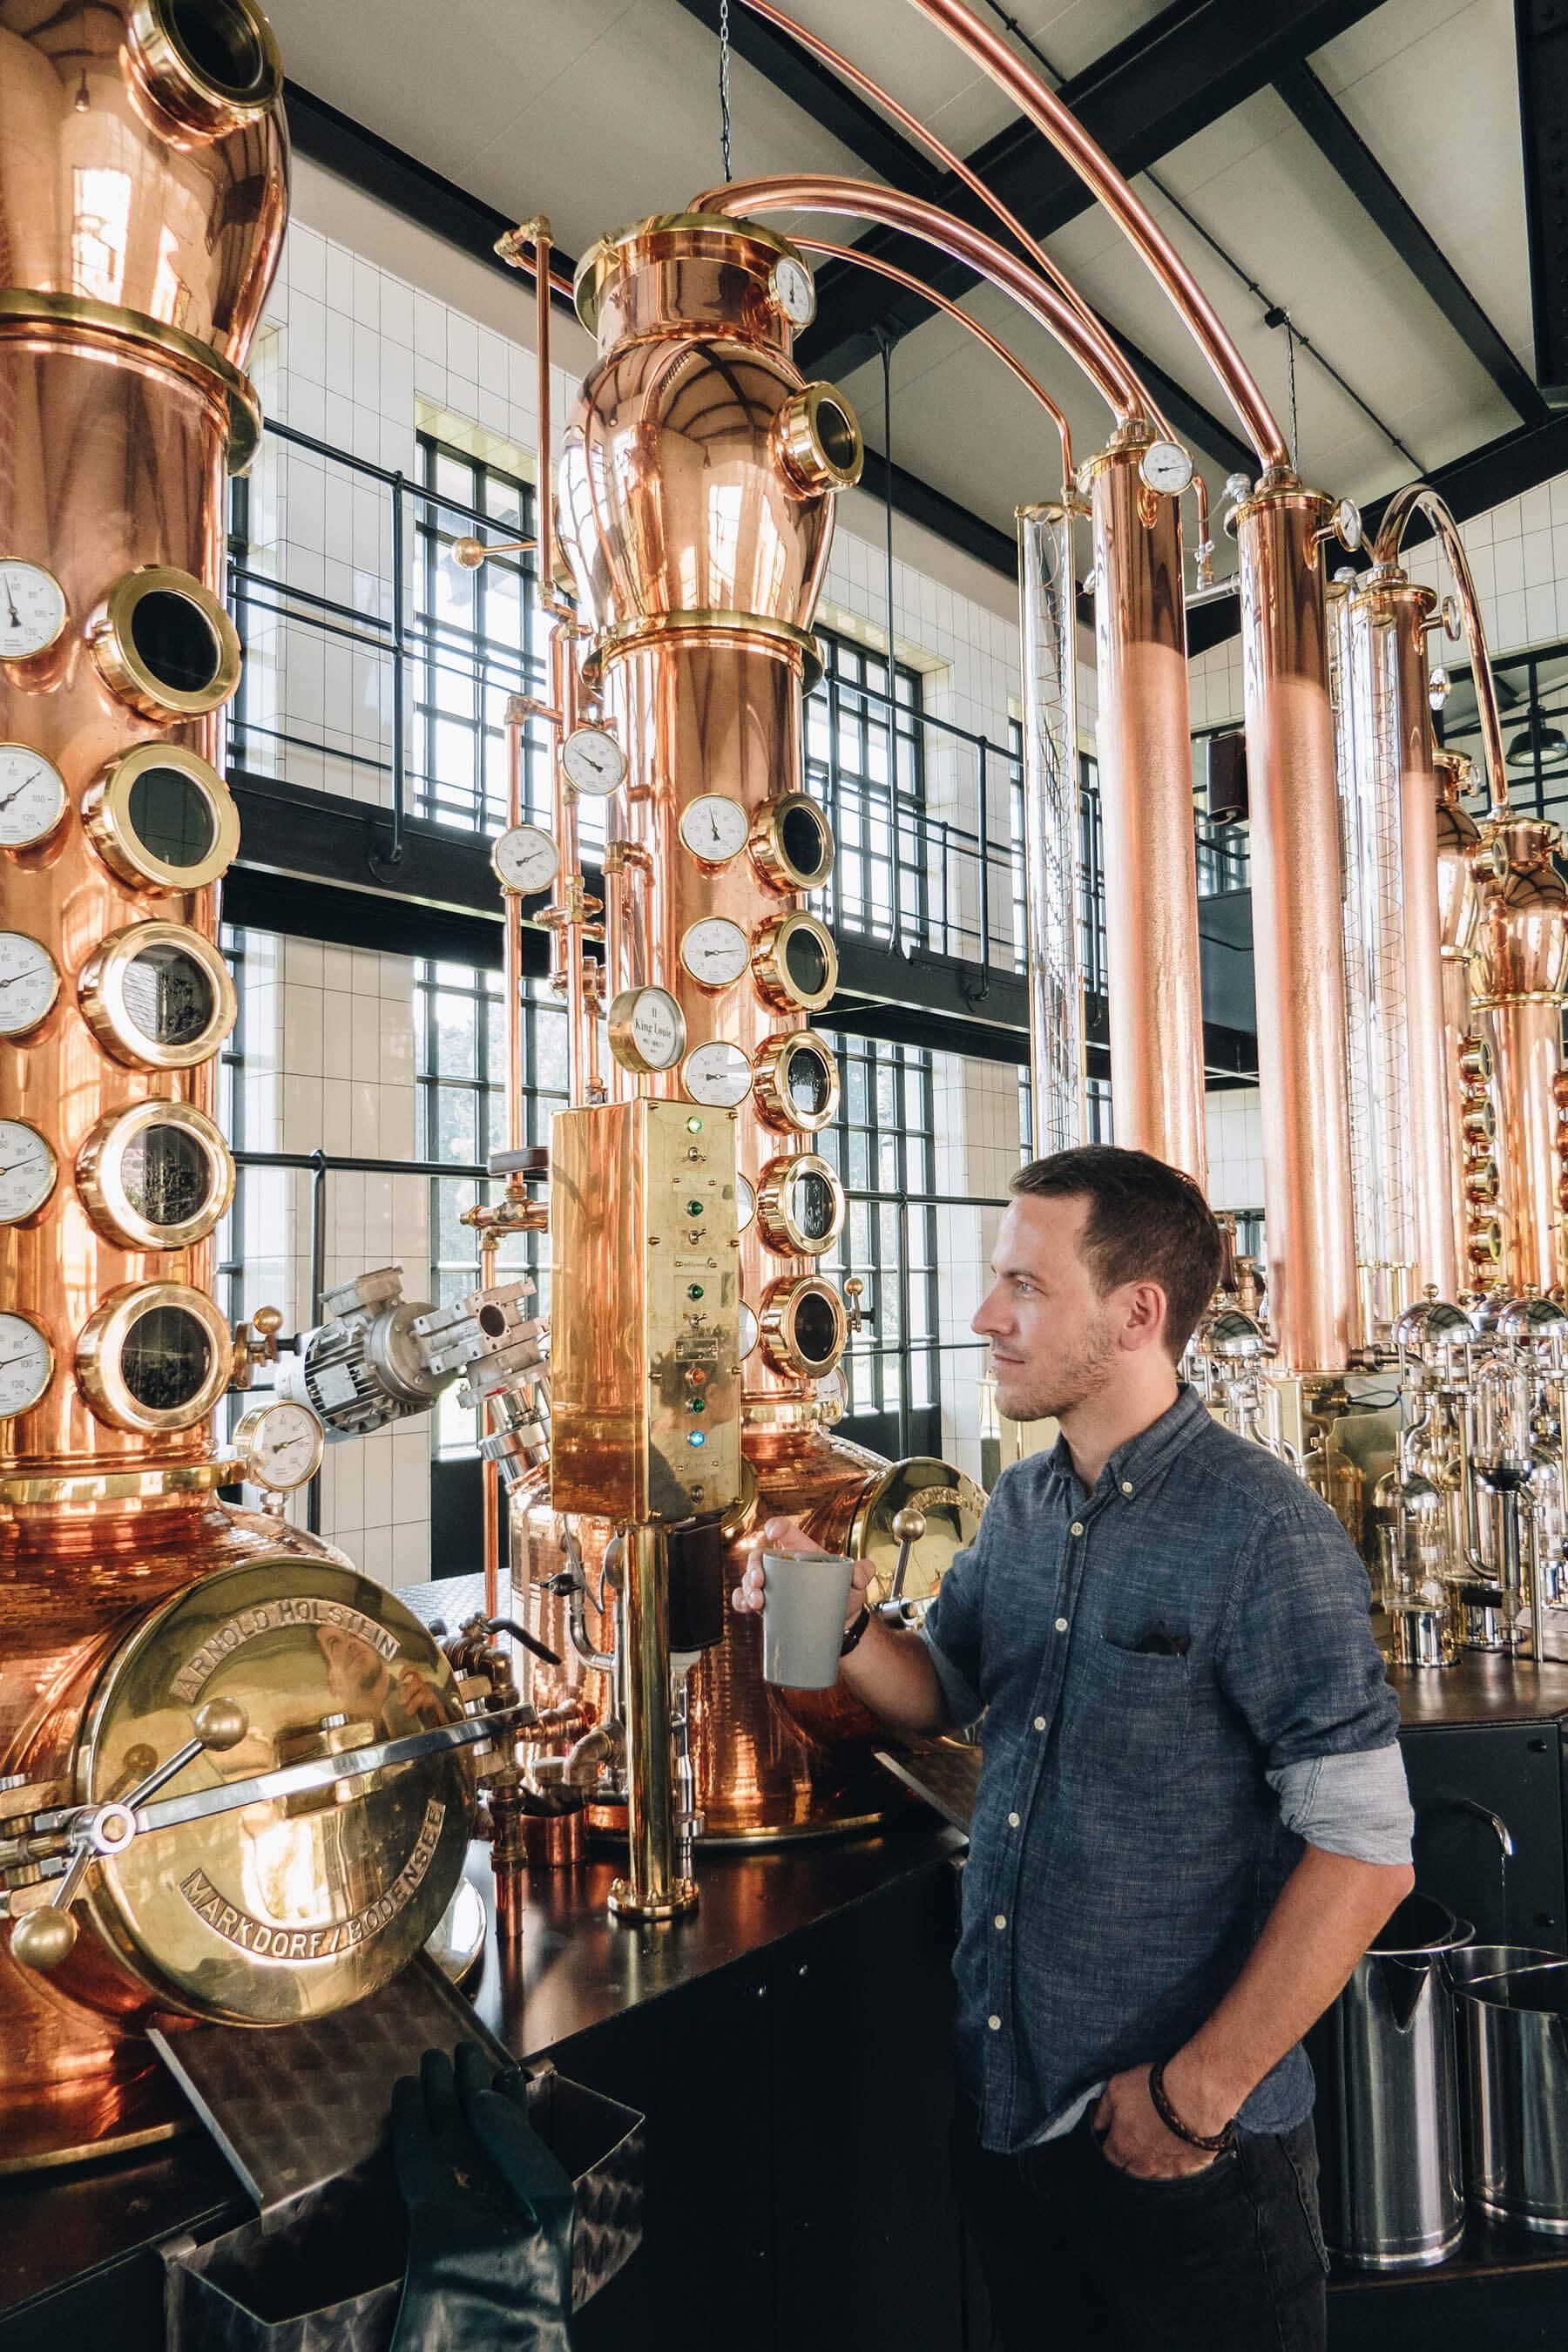 Das Herzstück jeder Destillerie sind die kupfernen Brennblasen